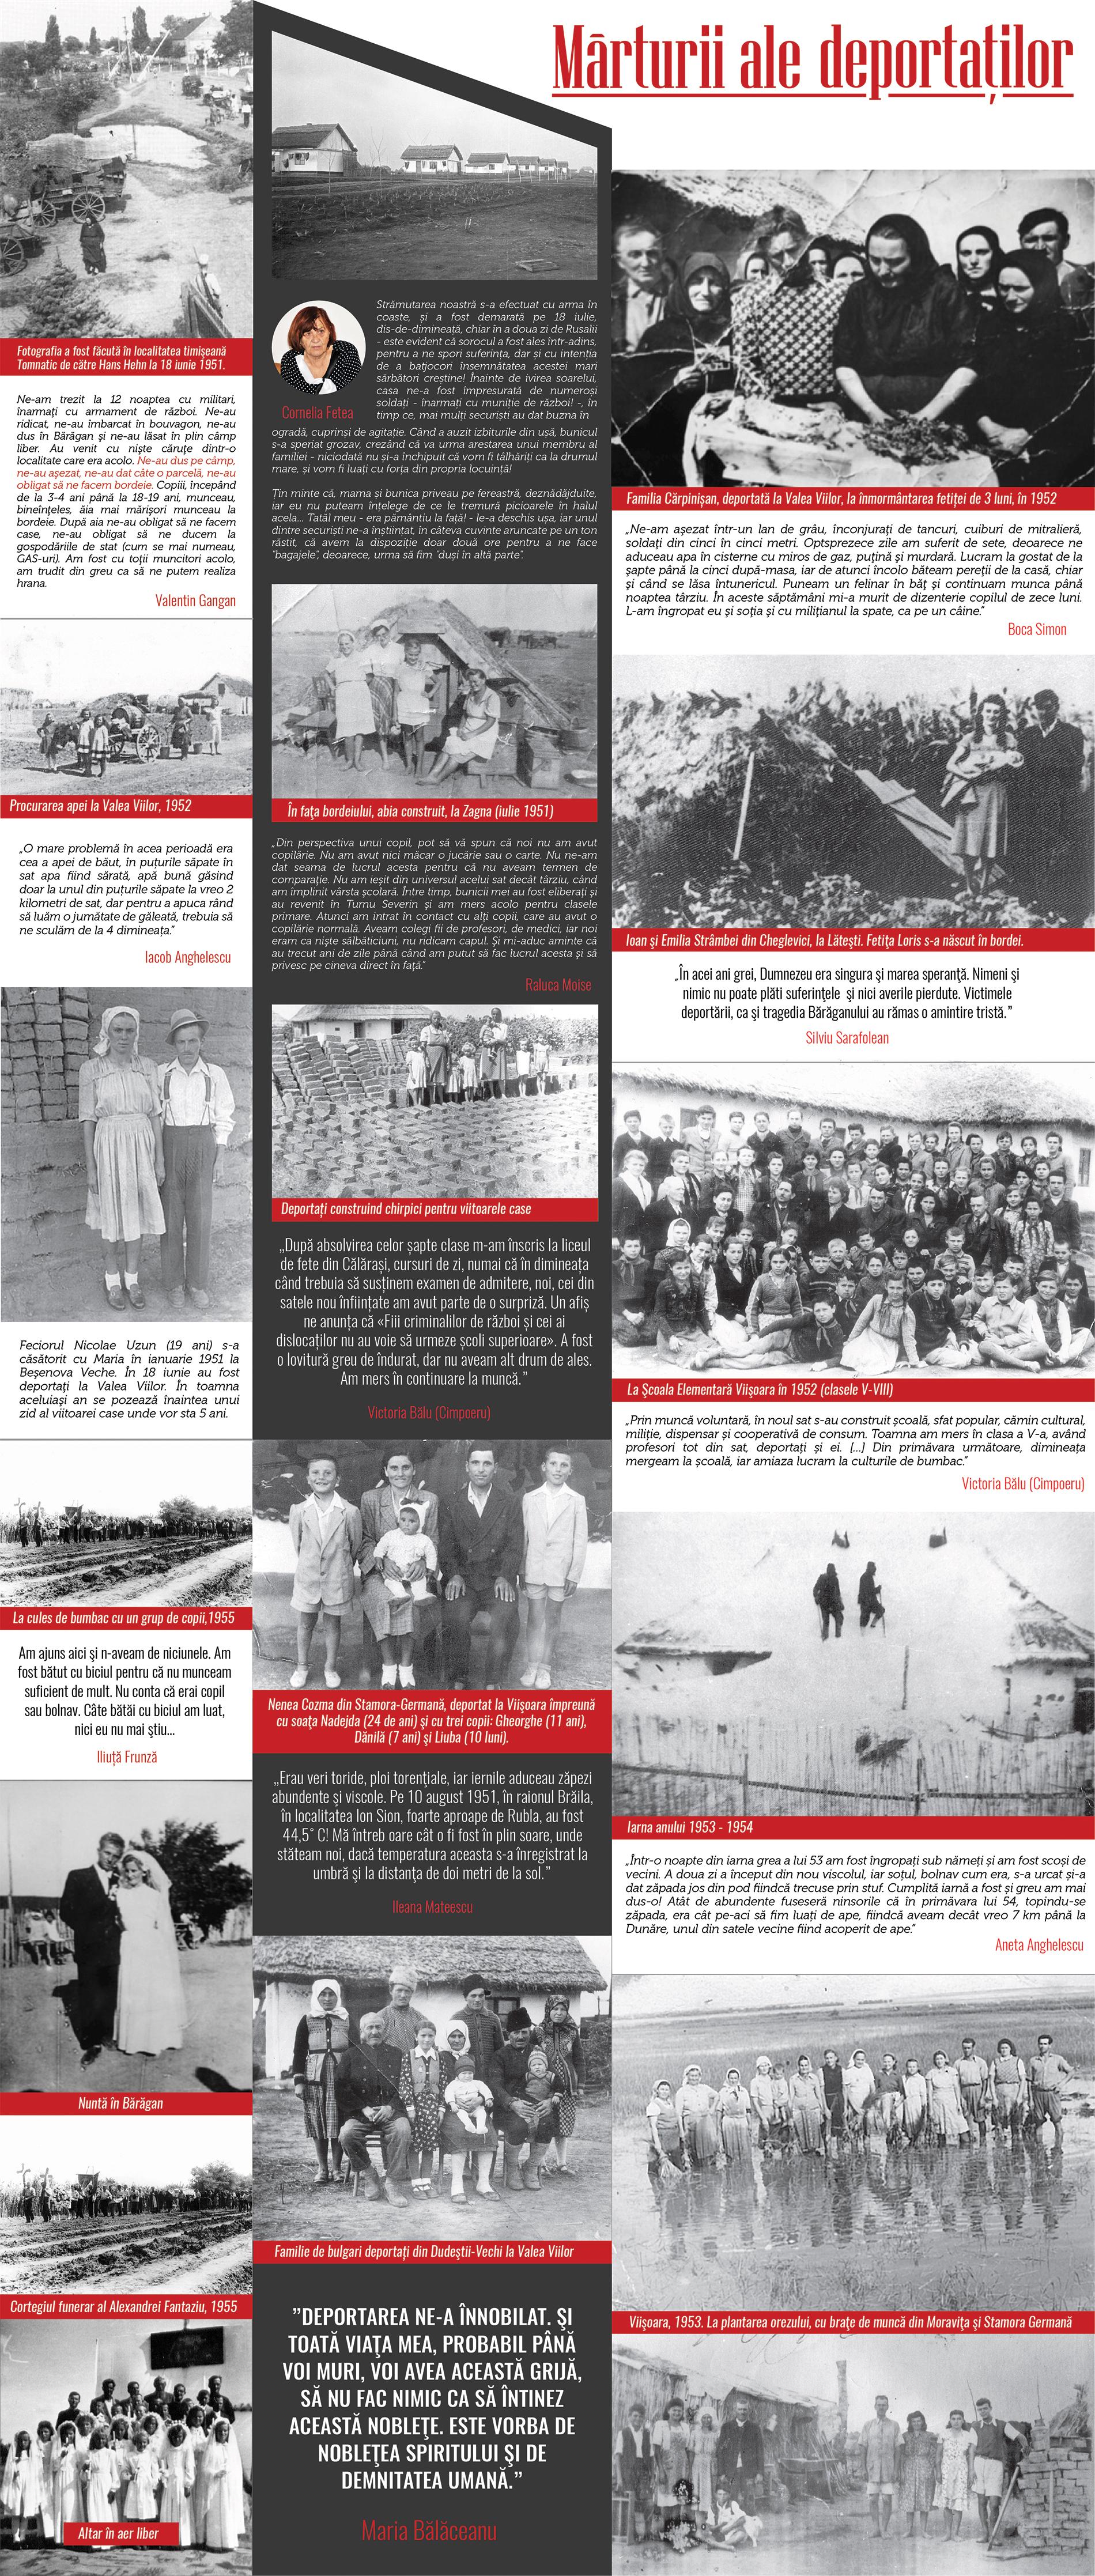 Mărturii ale deportaților - Bannerul 21 - Caravana Eroilor